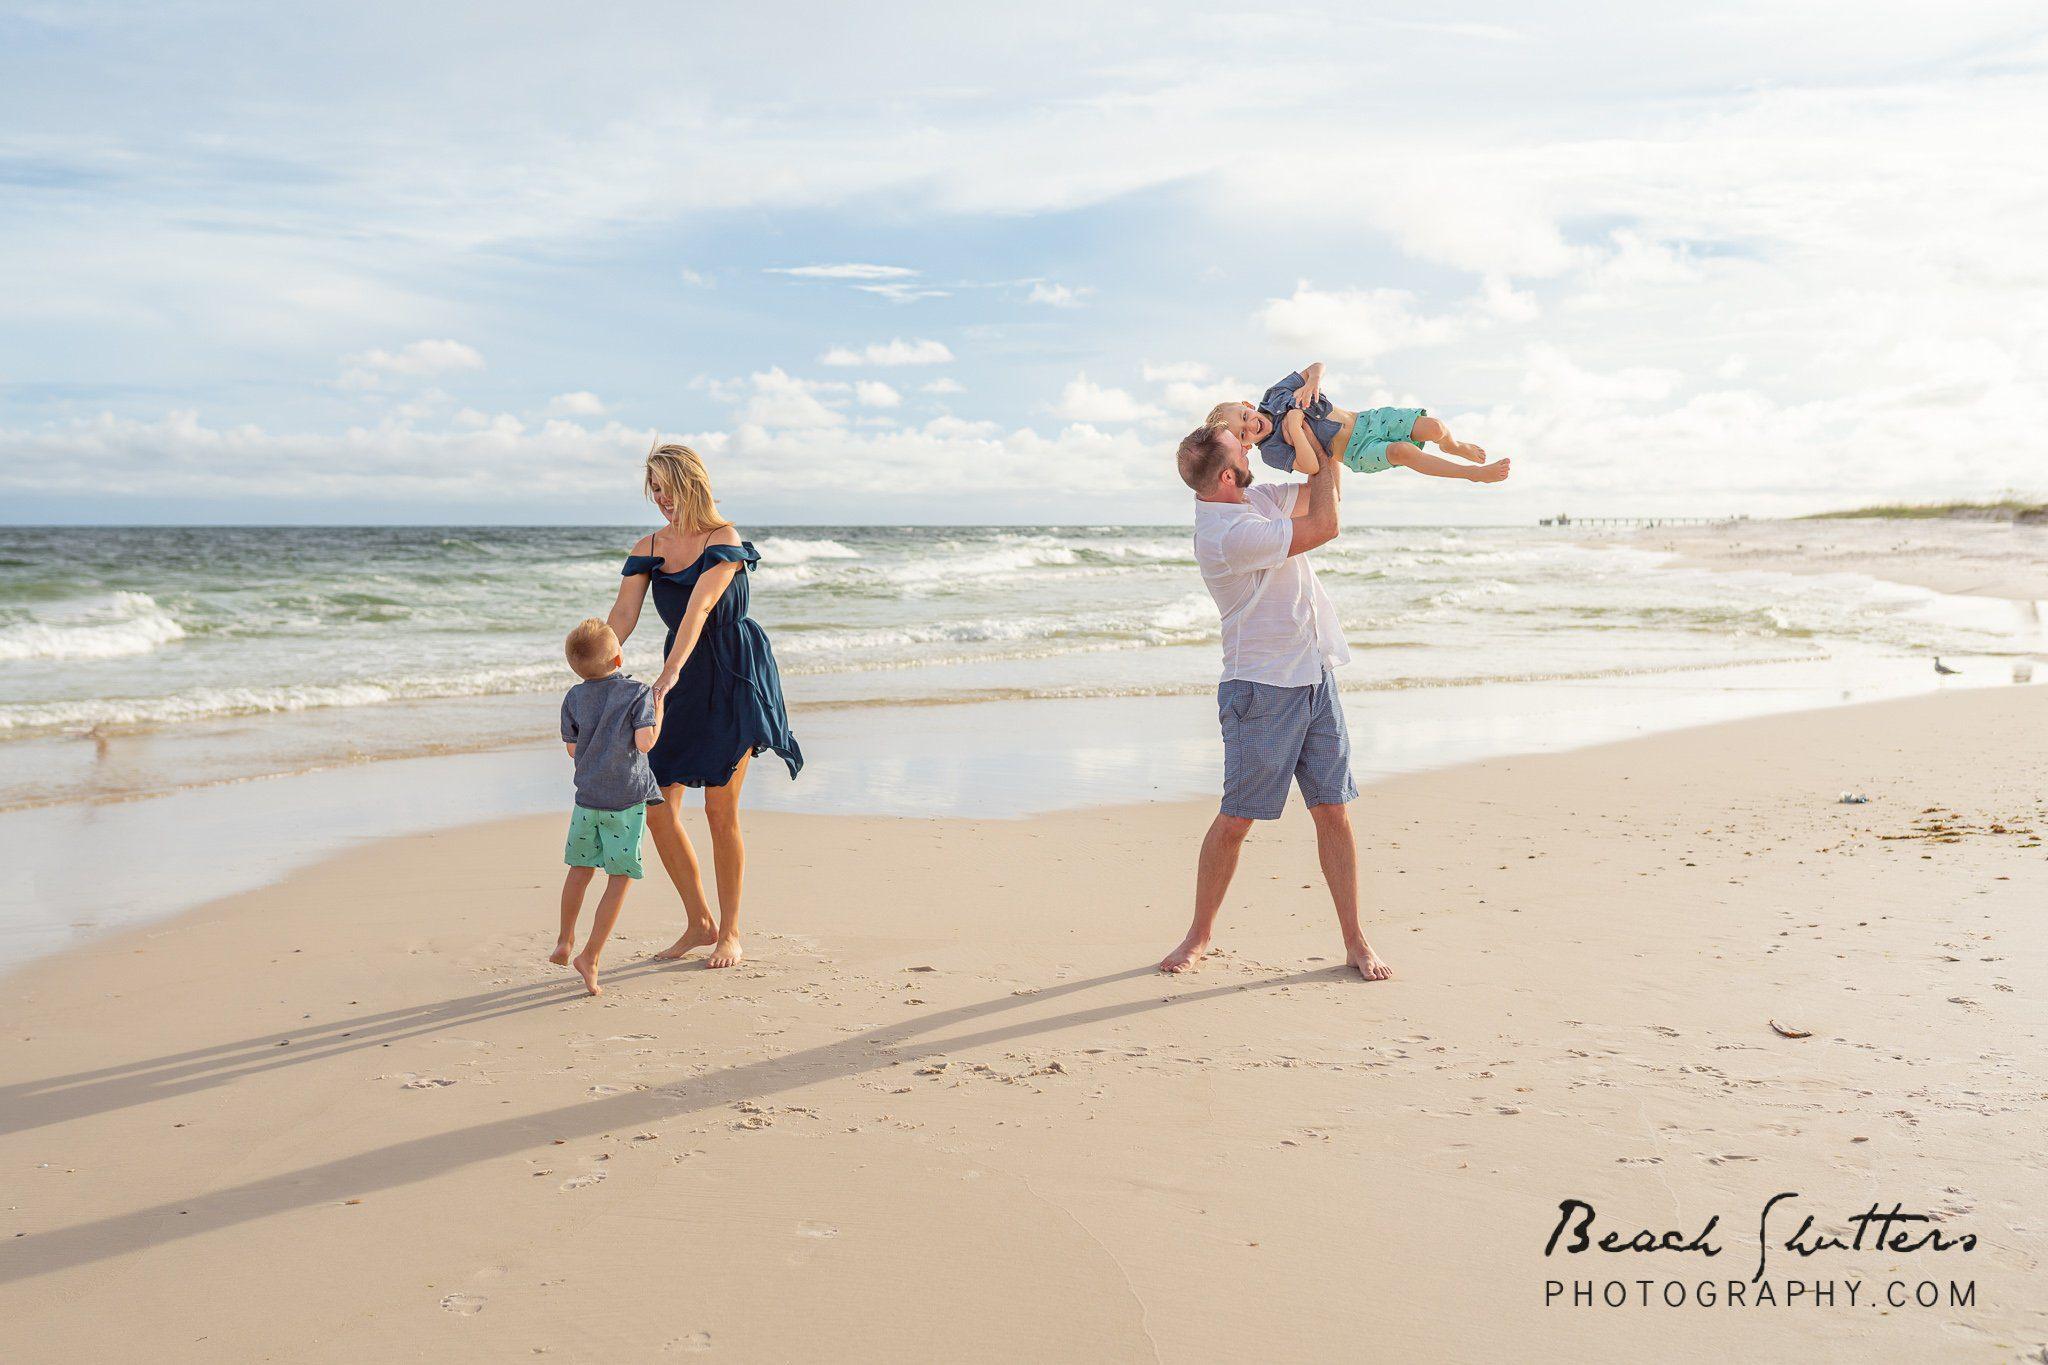 beach photos in Gulf Shores